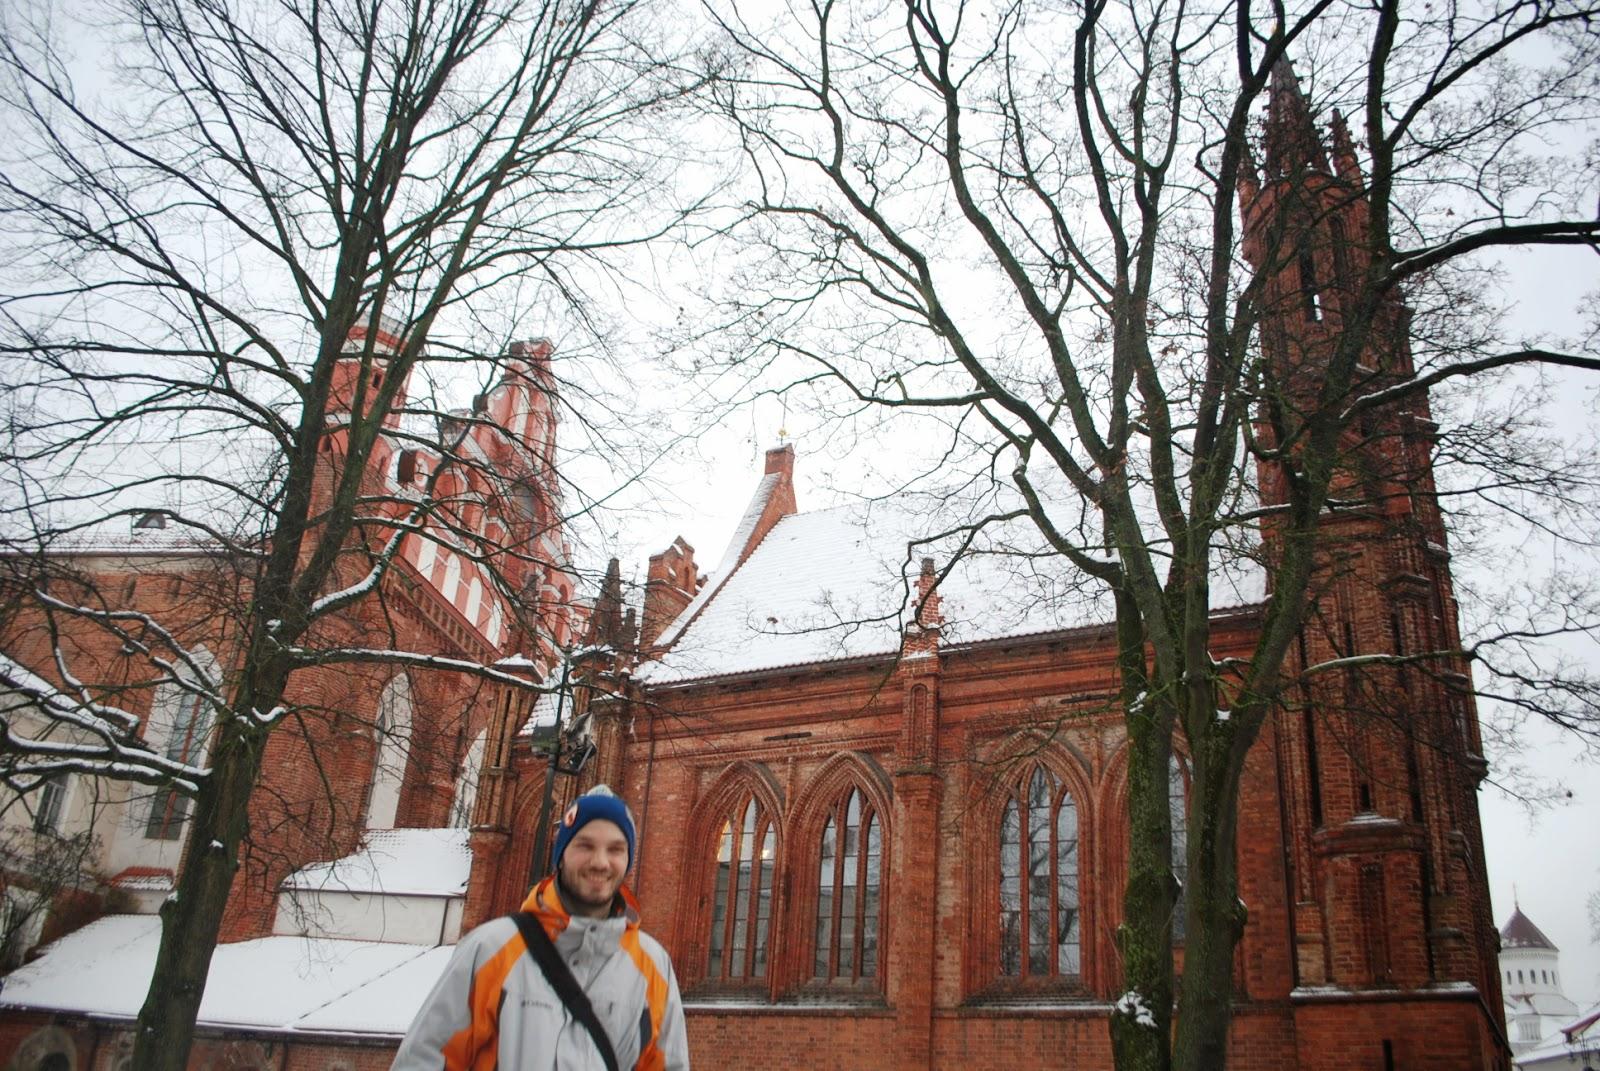 Церковь св. Анны и монастырь Бернардинцев (на заднем плане), Вильнюс.